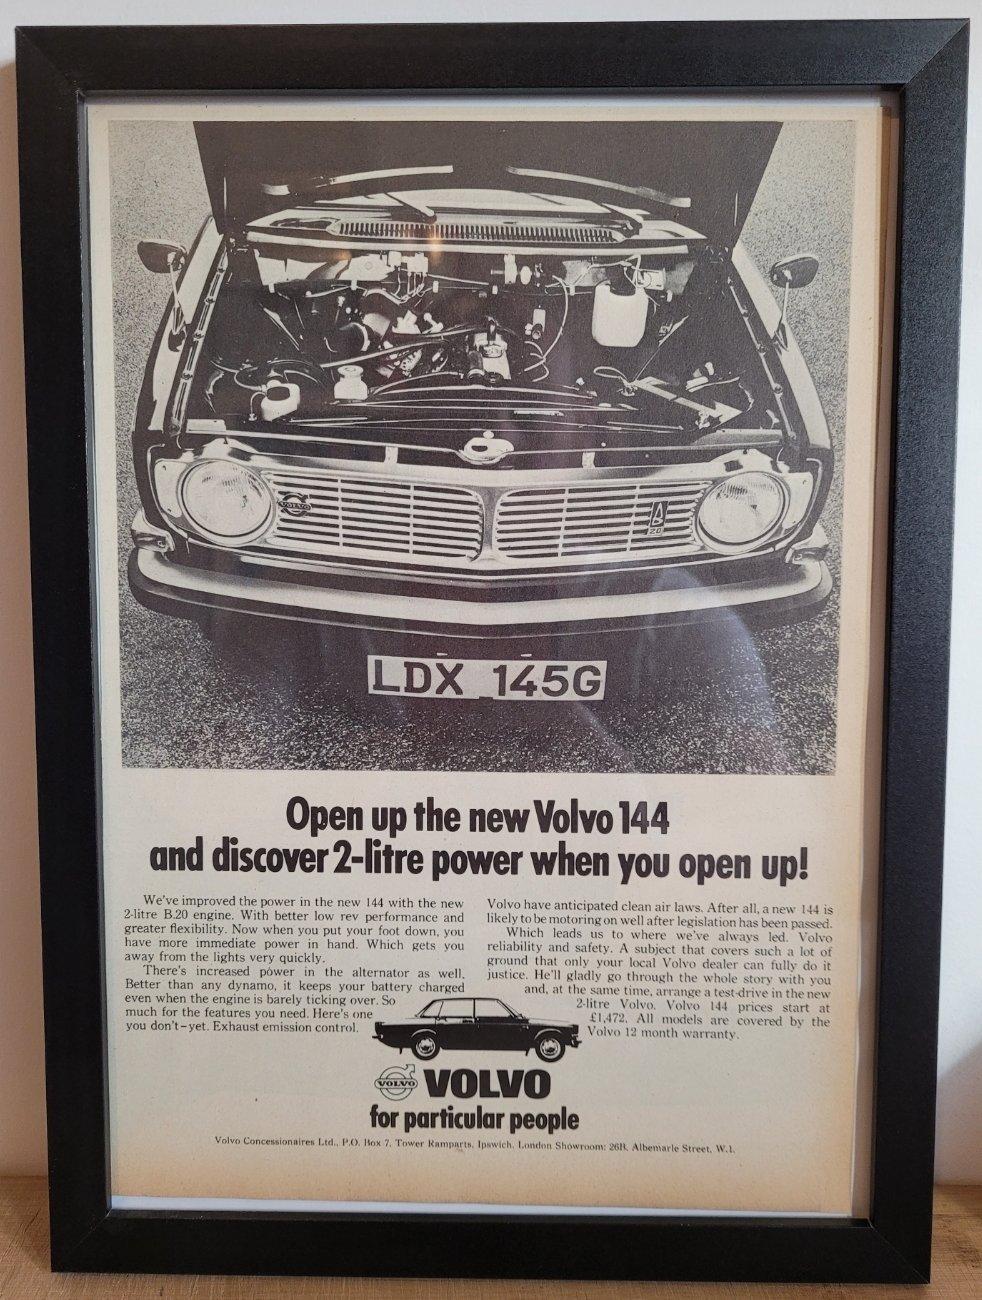 Original 1968 Volvo 144 Framed Advert